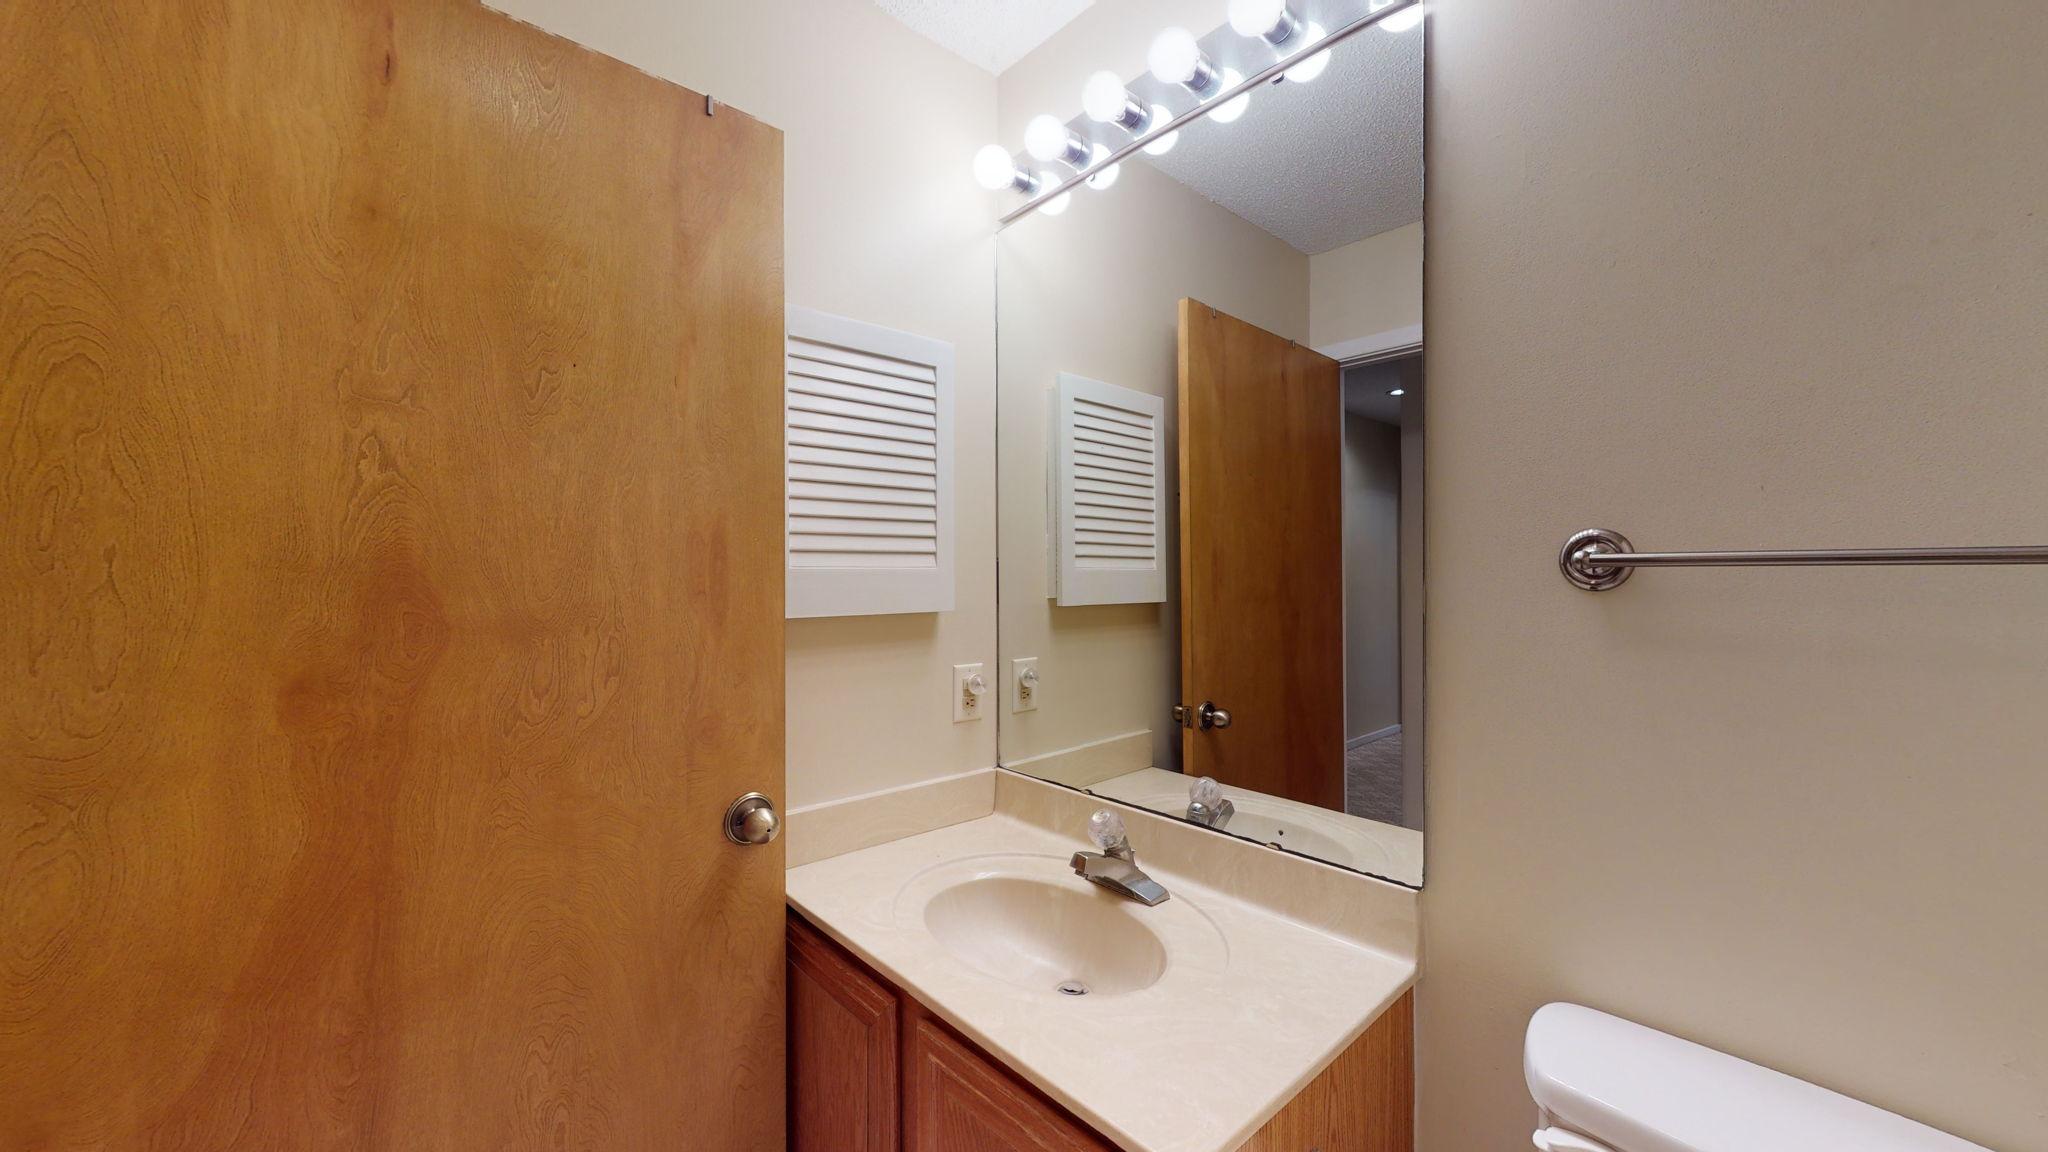 7501 Windward Dr, New Bern, NC 28560, USA Photo 27